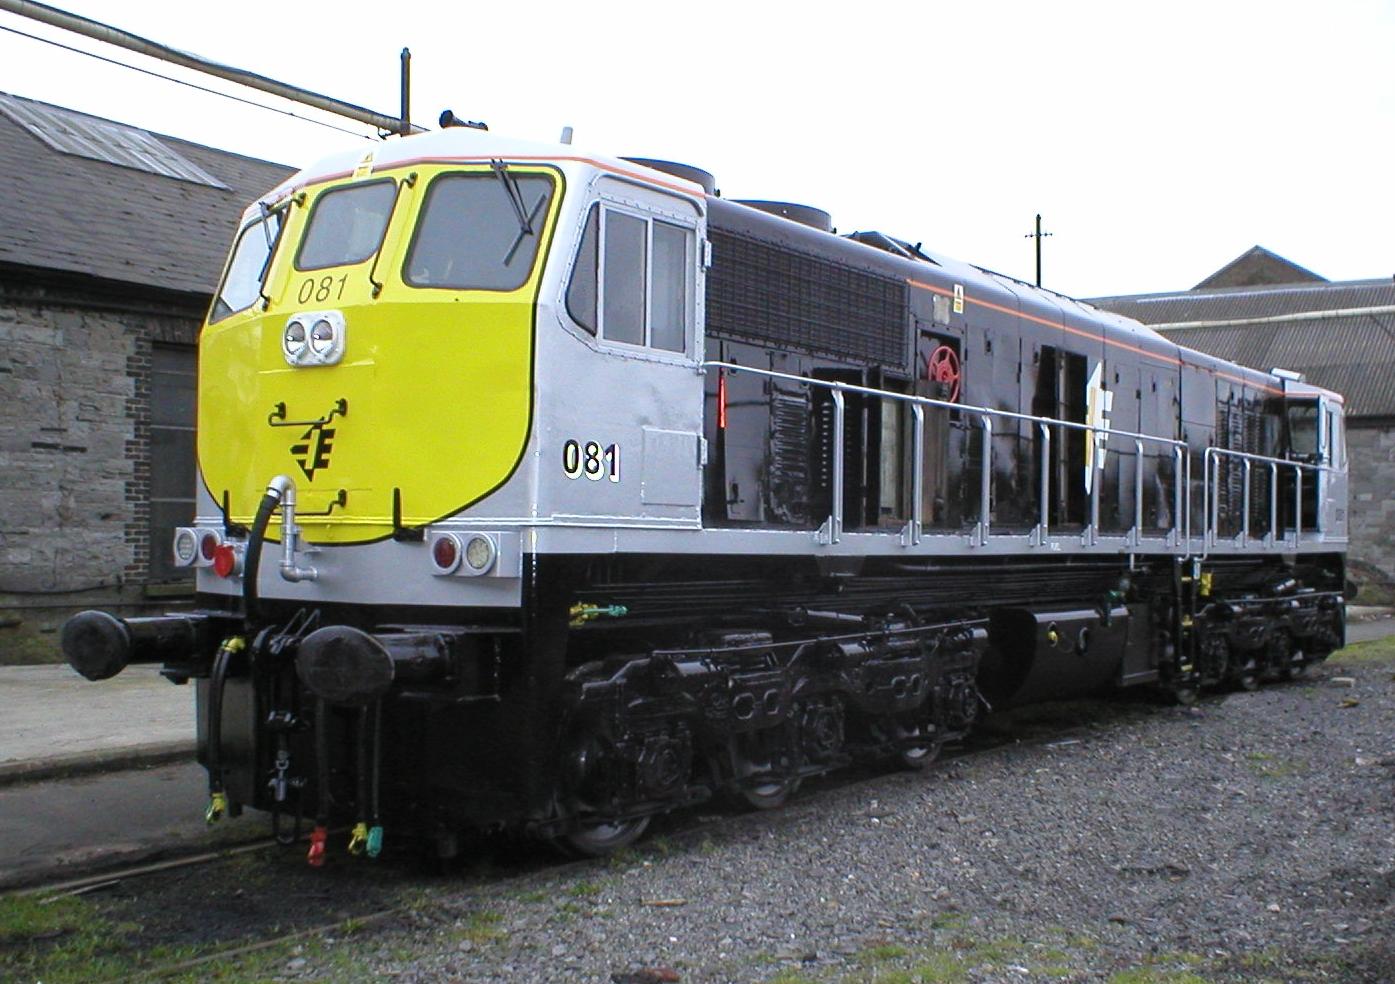 Cie 071 Class Nir Class 111 Wikiwand